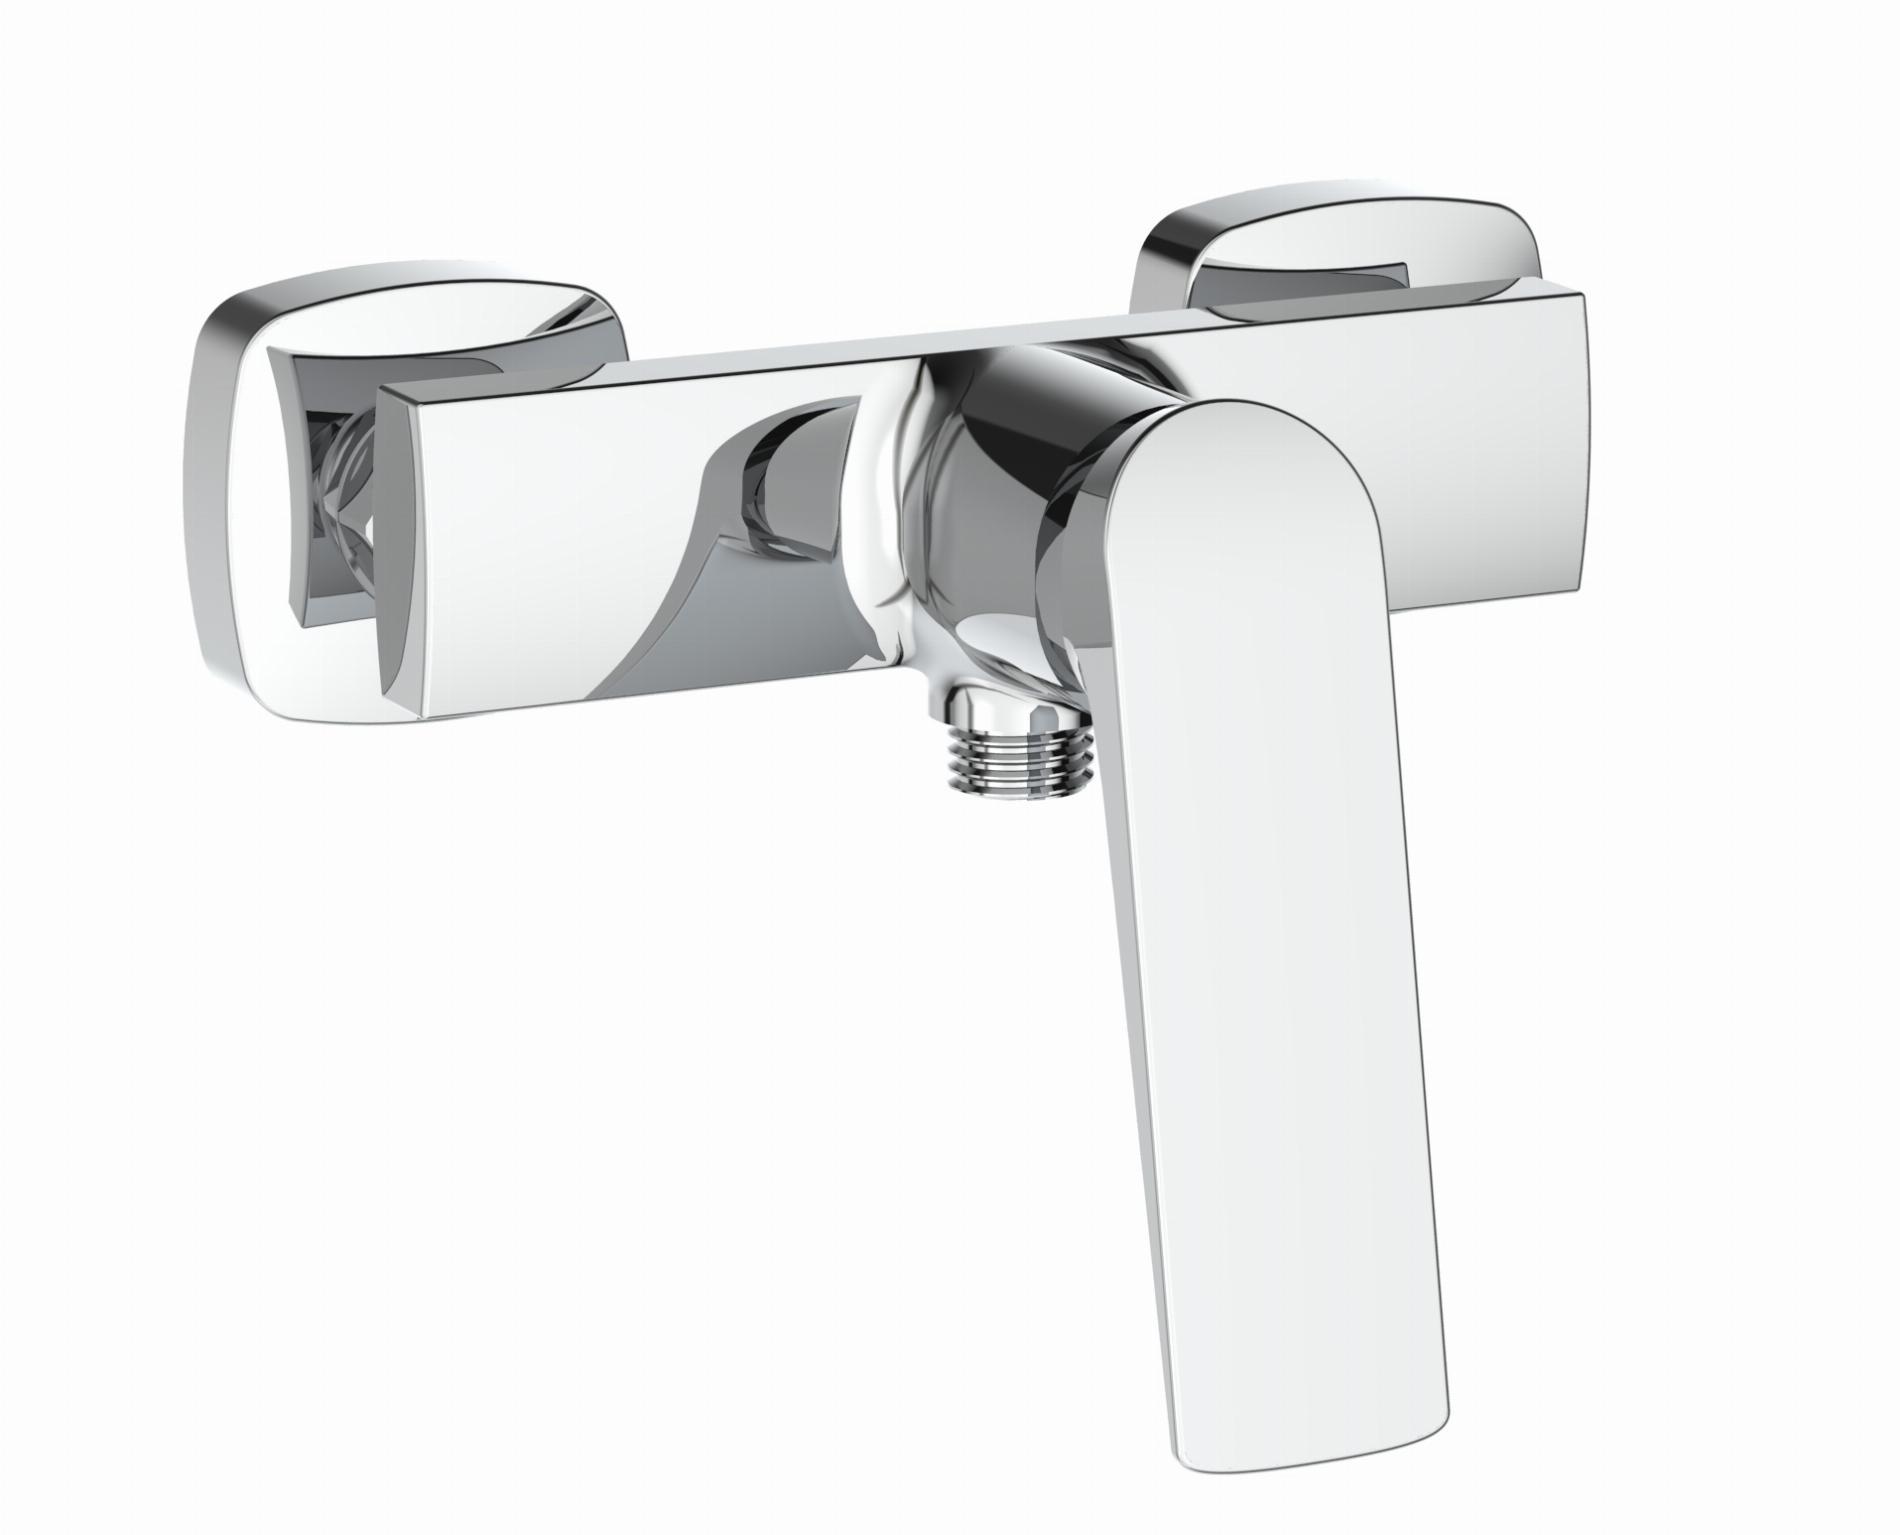 Einhebel-Duscharmatur CROC